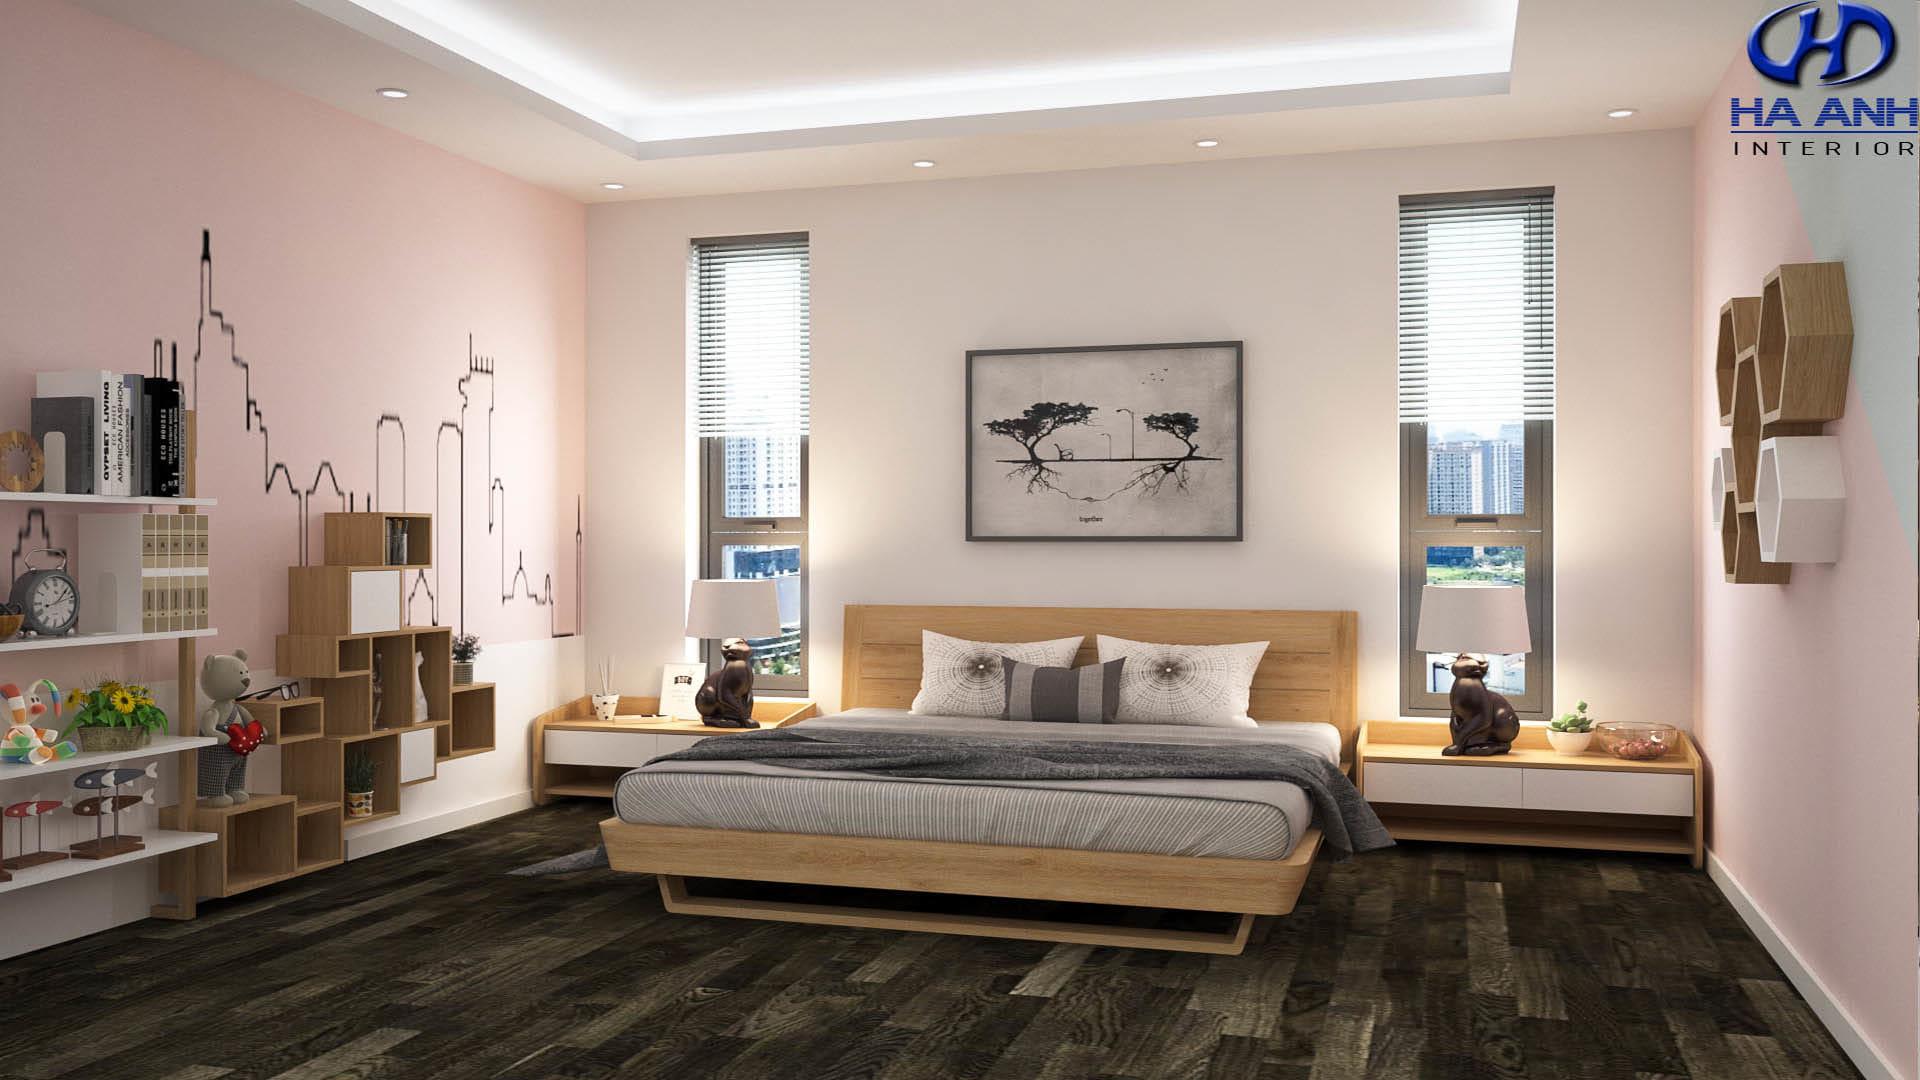 Thiết kế phòng ngủ gỗ óc chó theo phong cách đơn giản, nhẹ nhàng